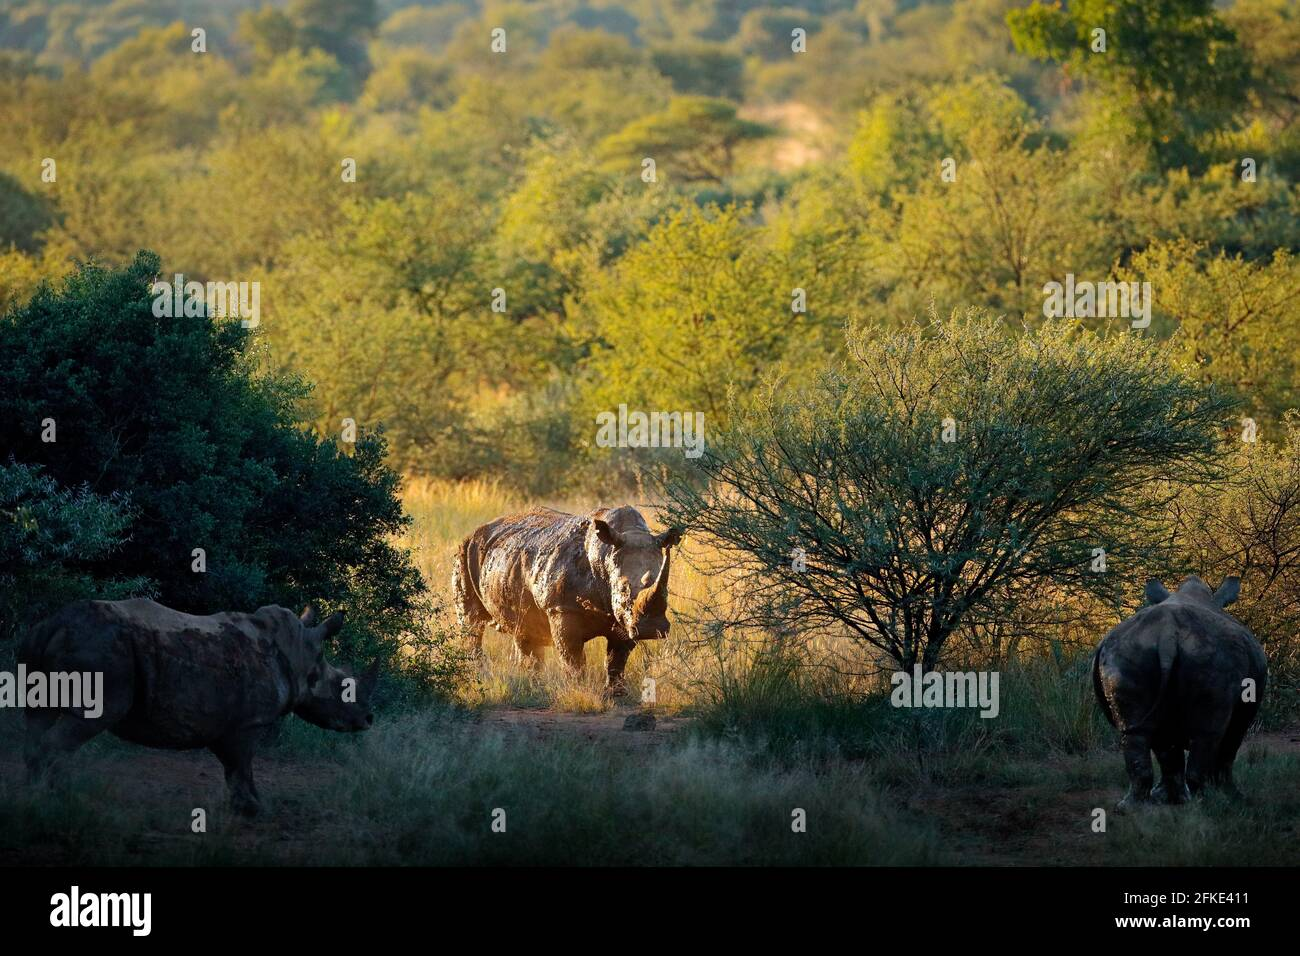 Rhino in habitat forestale. Rinoceronte bianco, Ceratotherium simum, con corna, nell'habitat naturale, Pilanesberg, Sudafrica. Fauna selvatica scena da natu Foto Stock